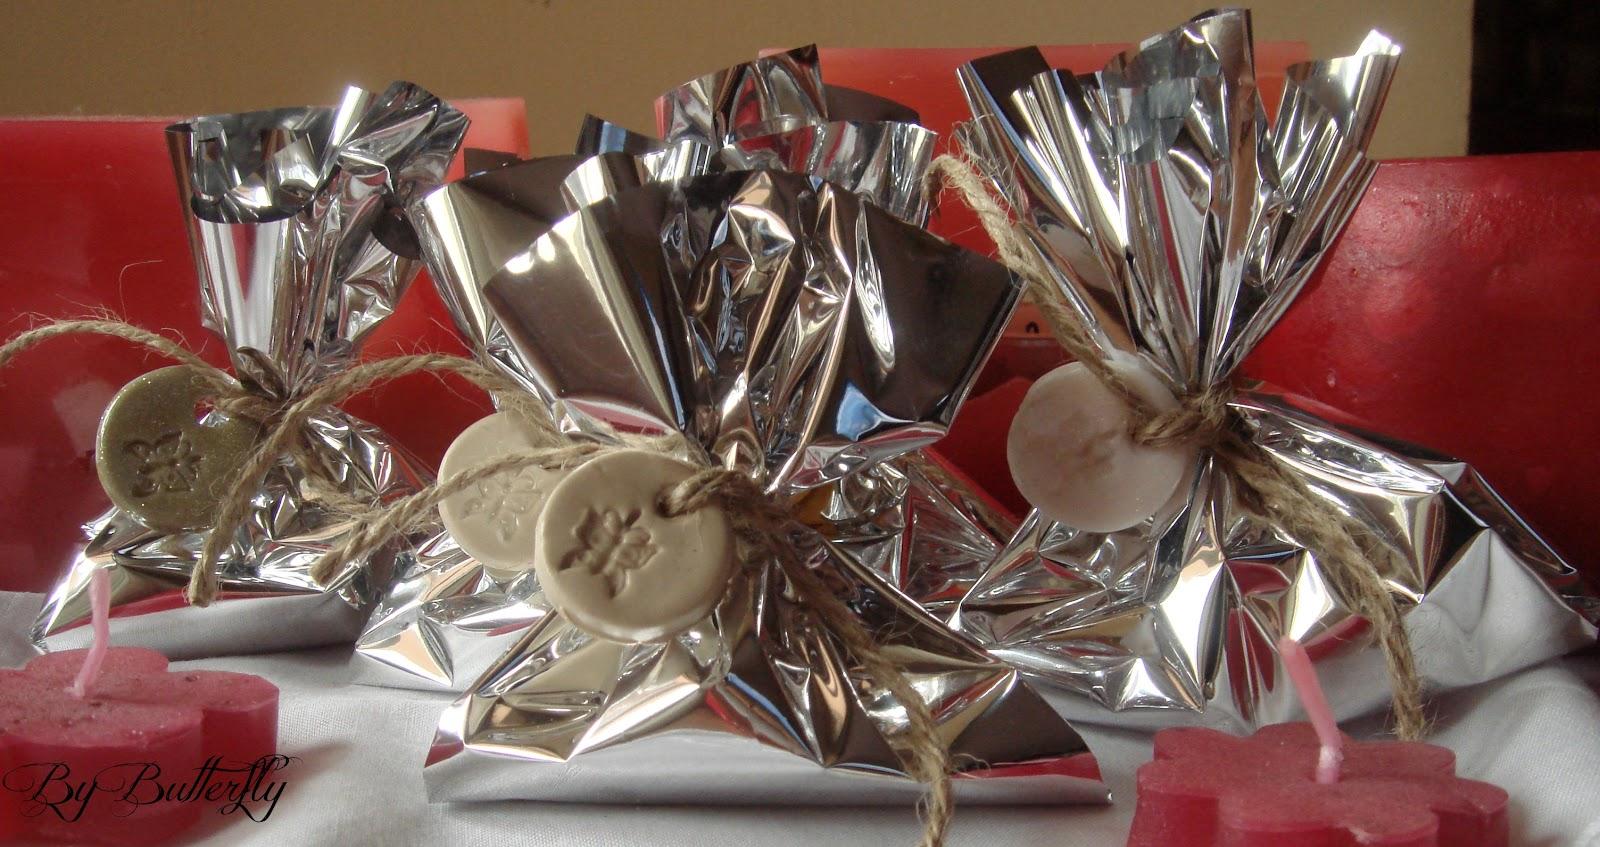 Butterfly moda y complementos peque os detalles para navidad for Detalles de navidad